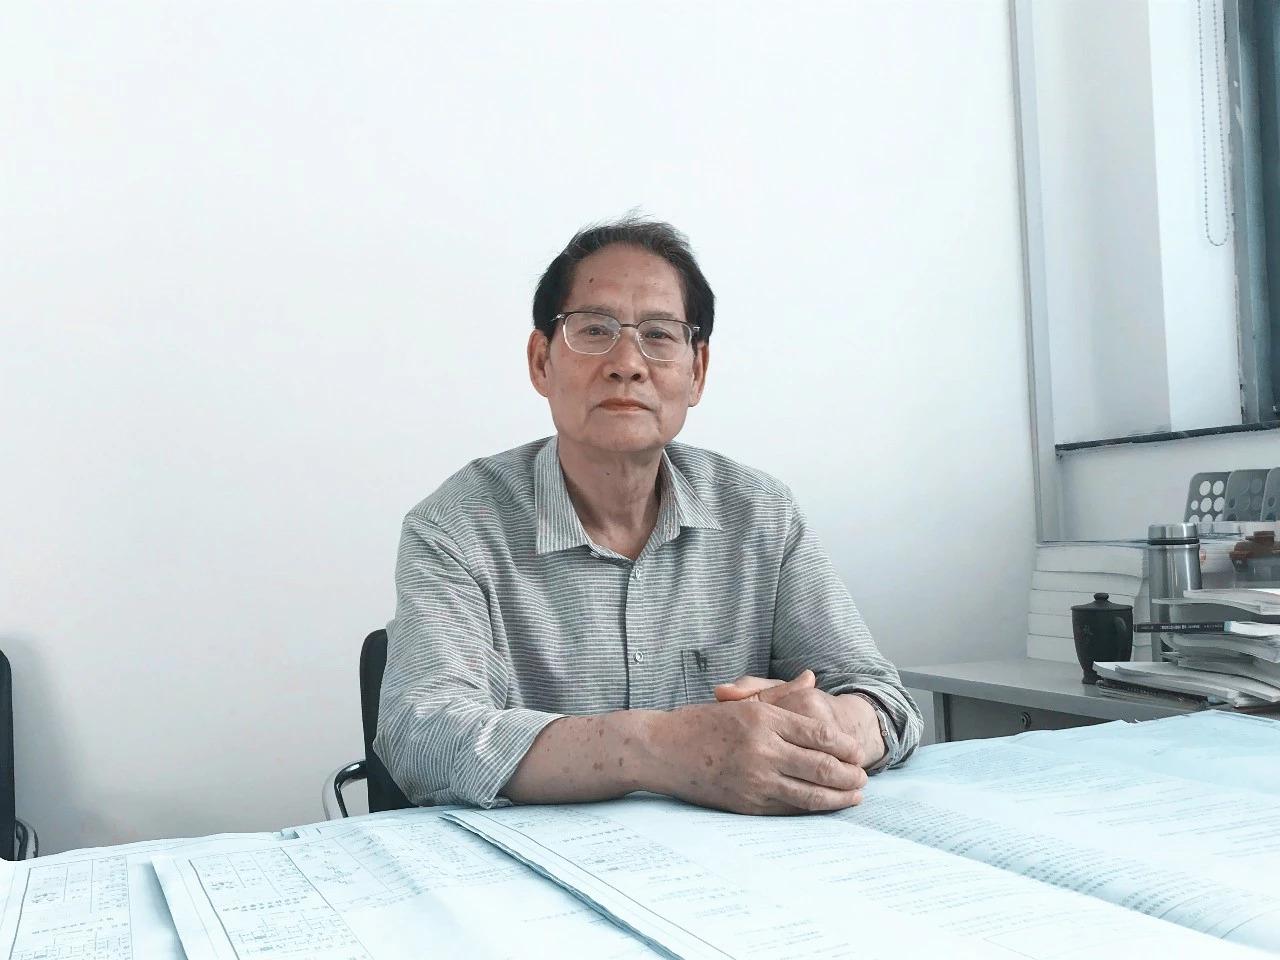 V客暖通网专访太原市建筑设计研究院设备副总工程师冀东光